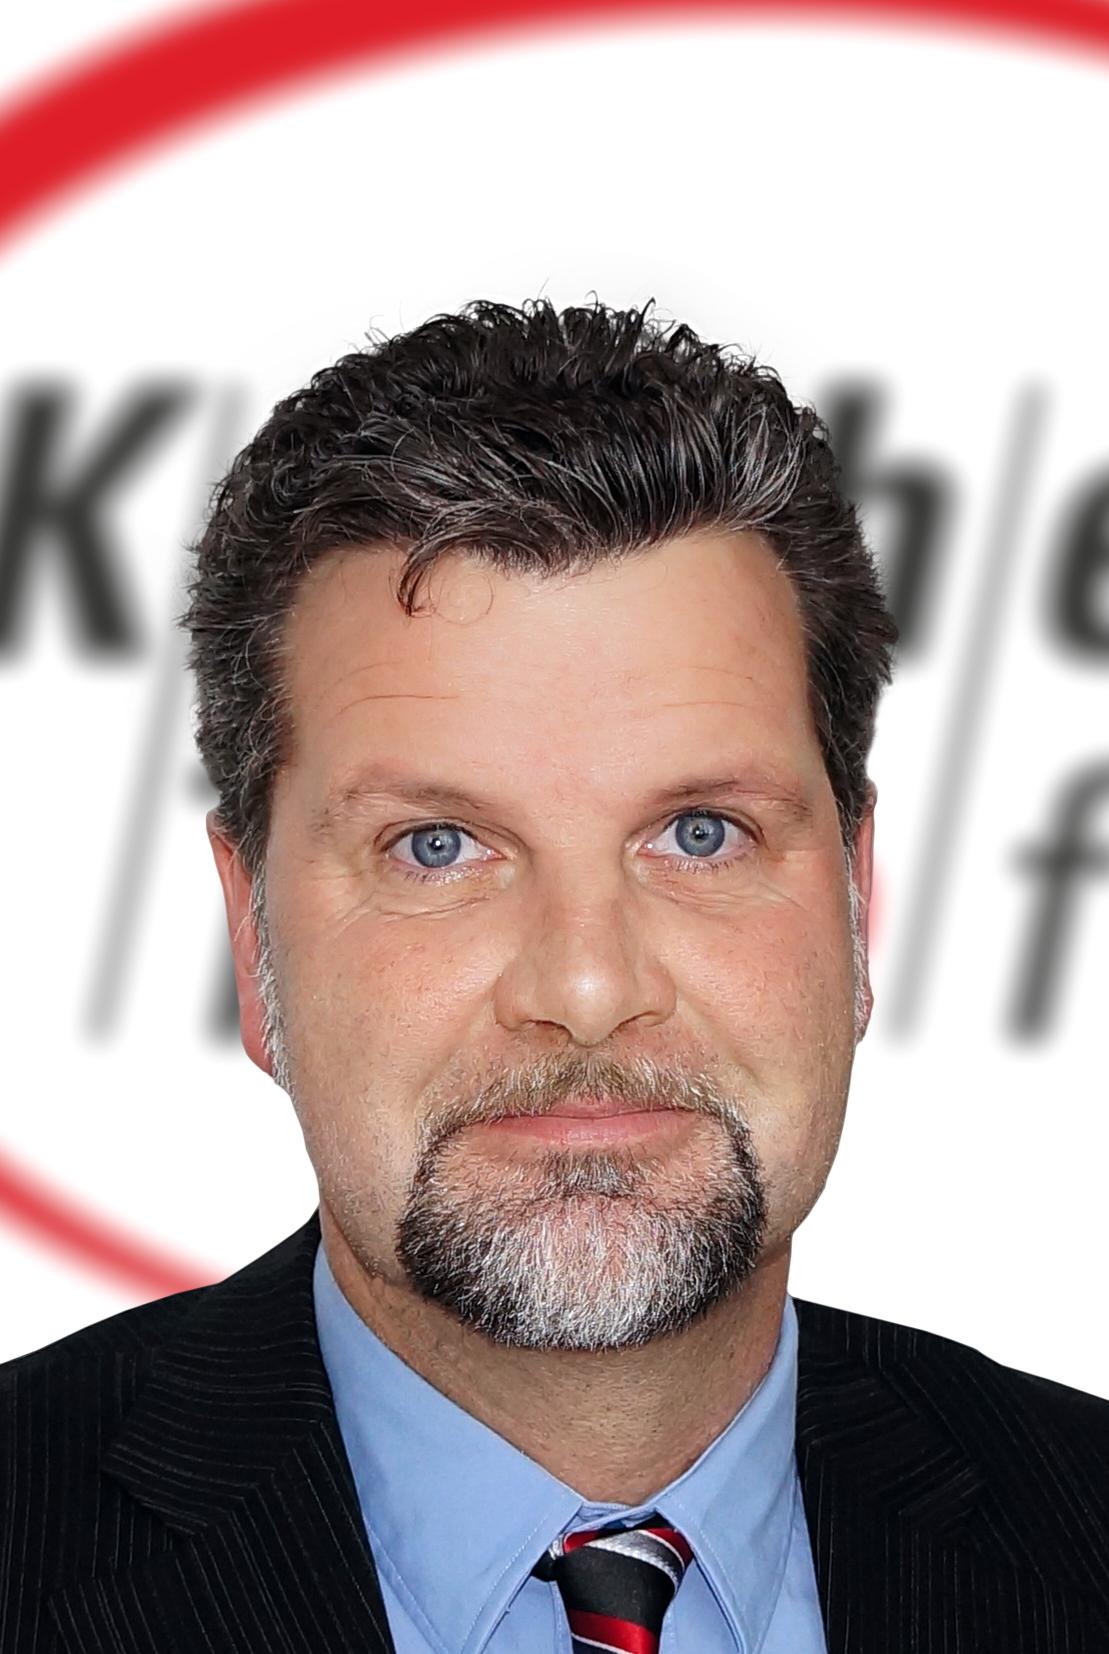 Christian Schmaderer